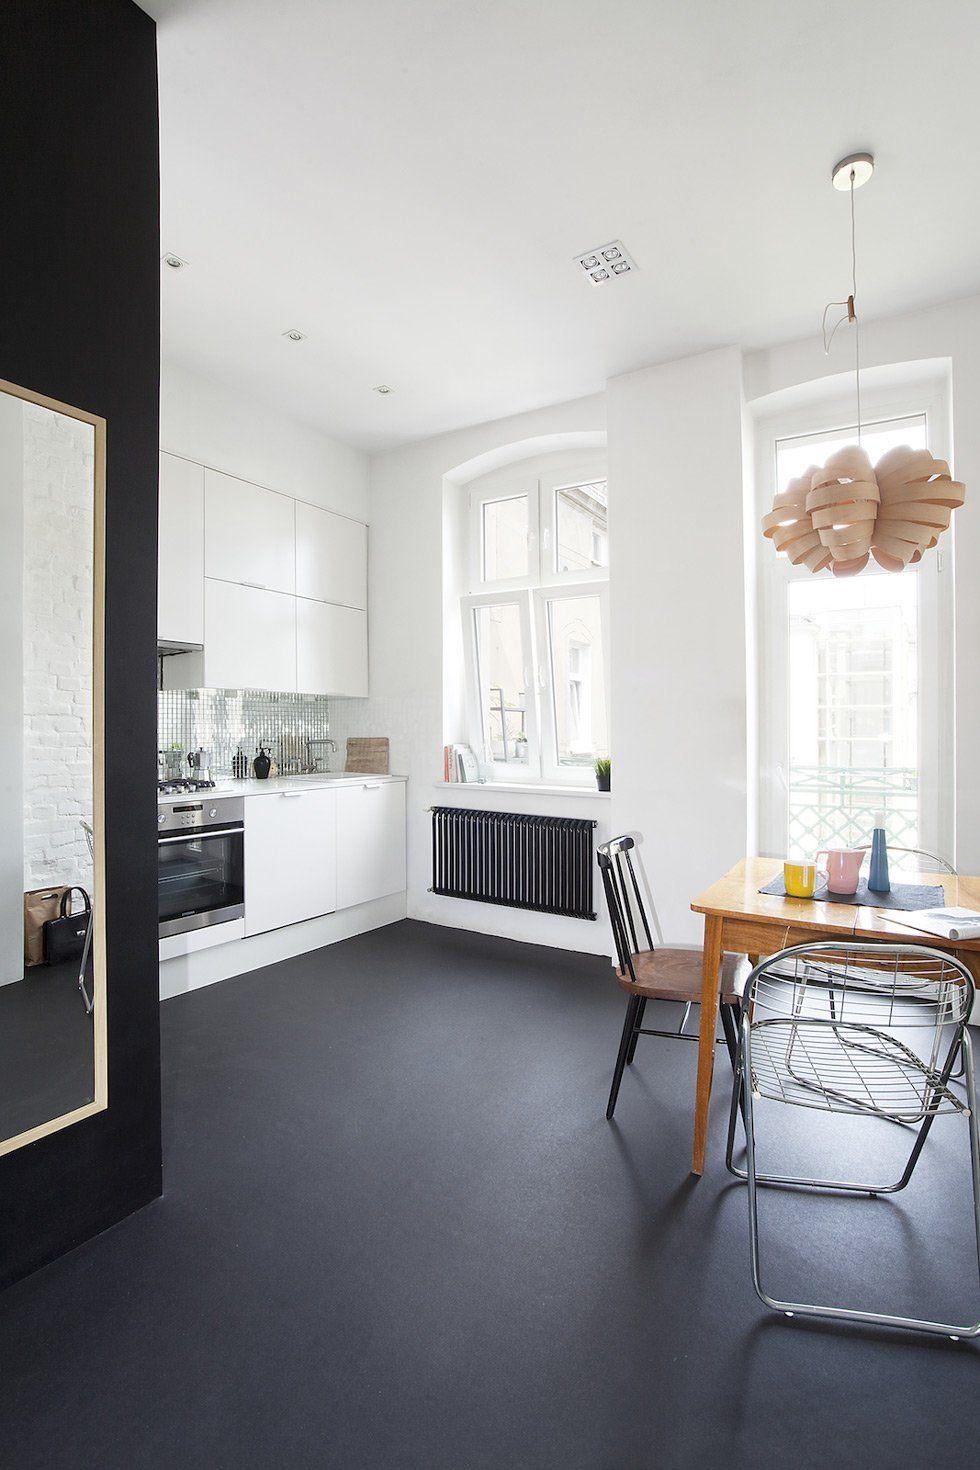 Pavimenti cucina • Guida alla scelta dei migliori materiali | cucina ...